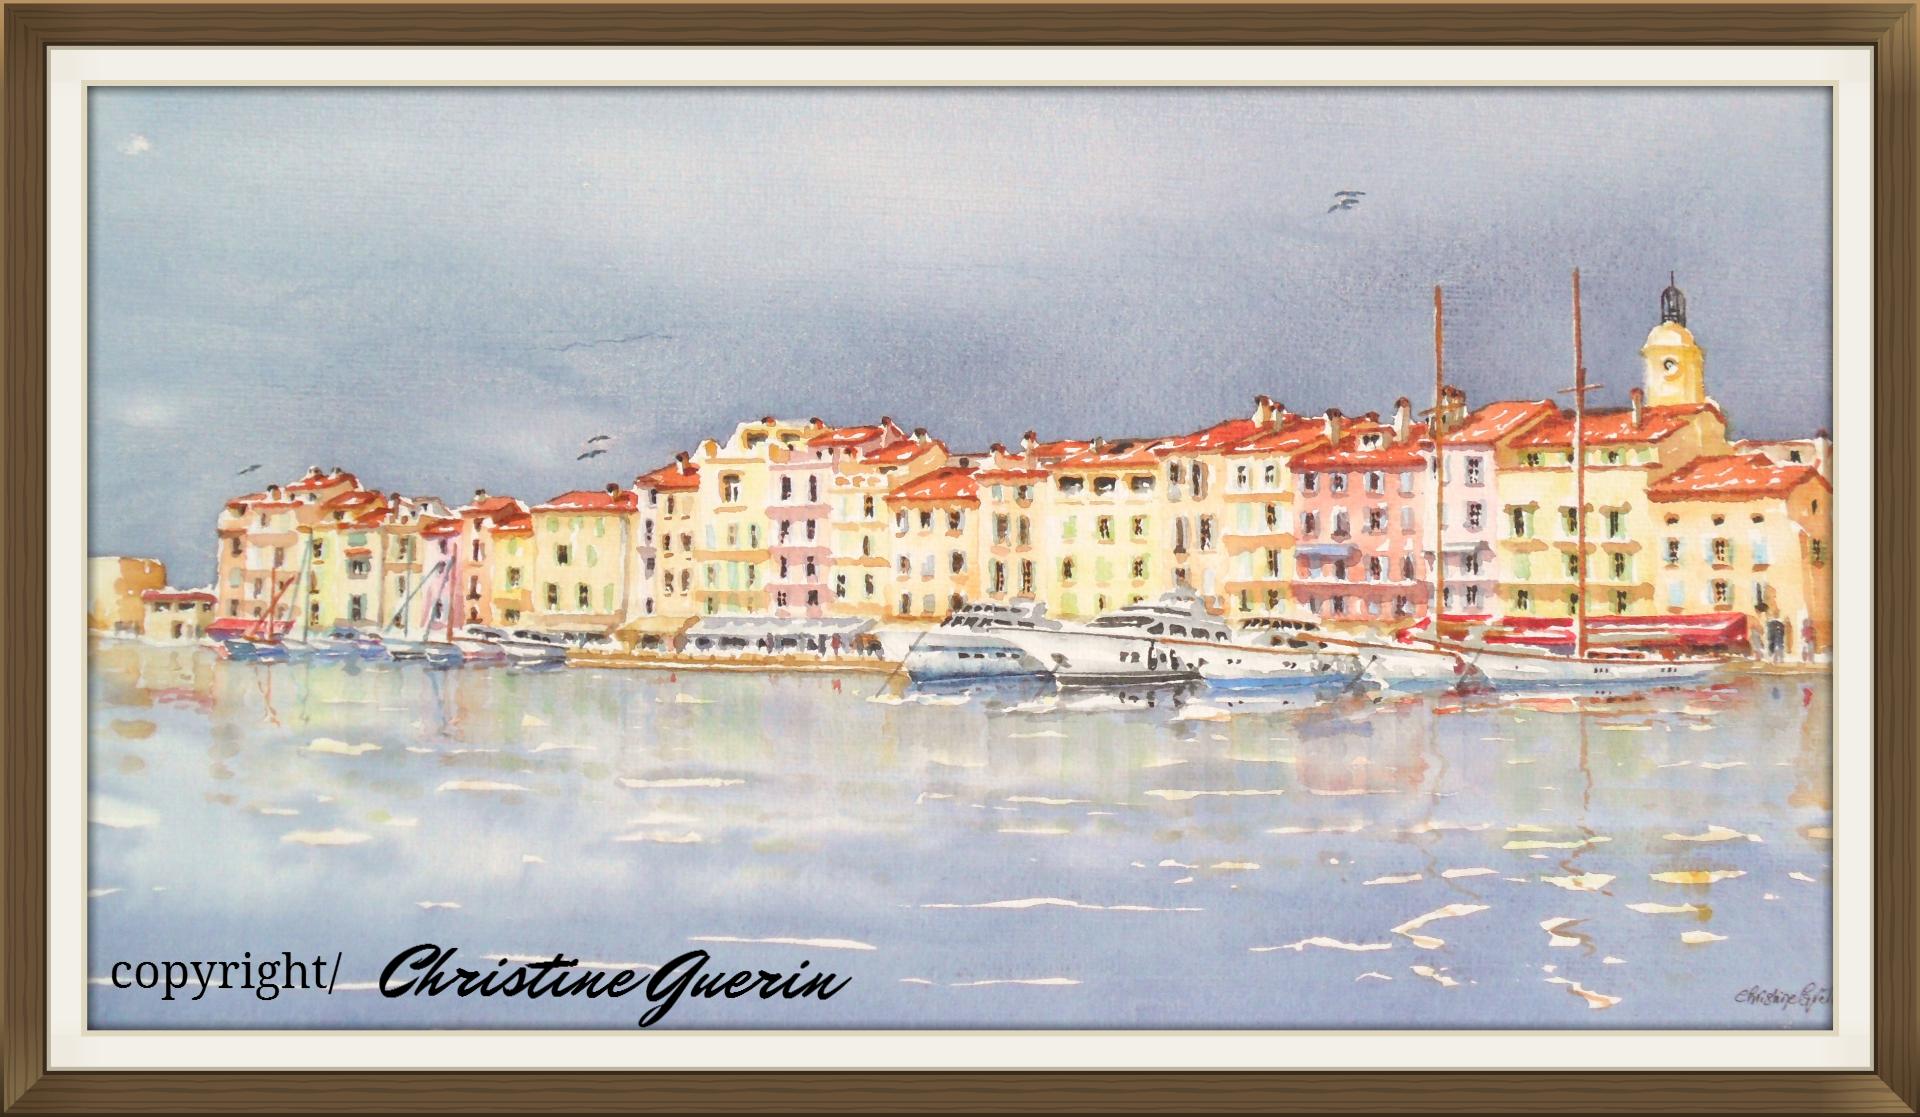 Artiste Peintre St Tropez christine guerin artistikguerin artiste peintre aquarelliste